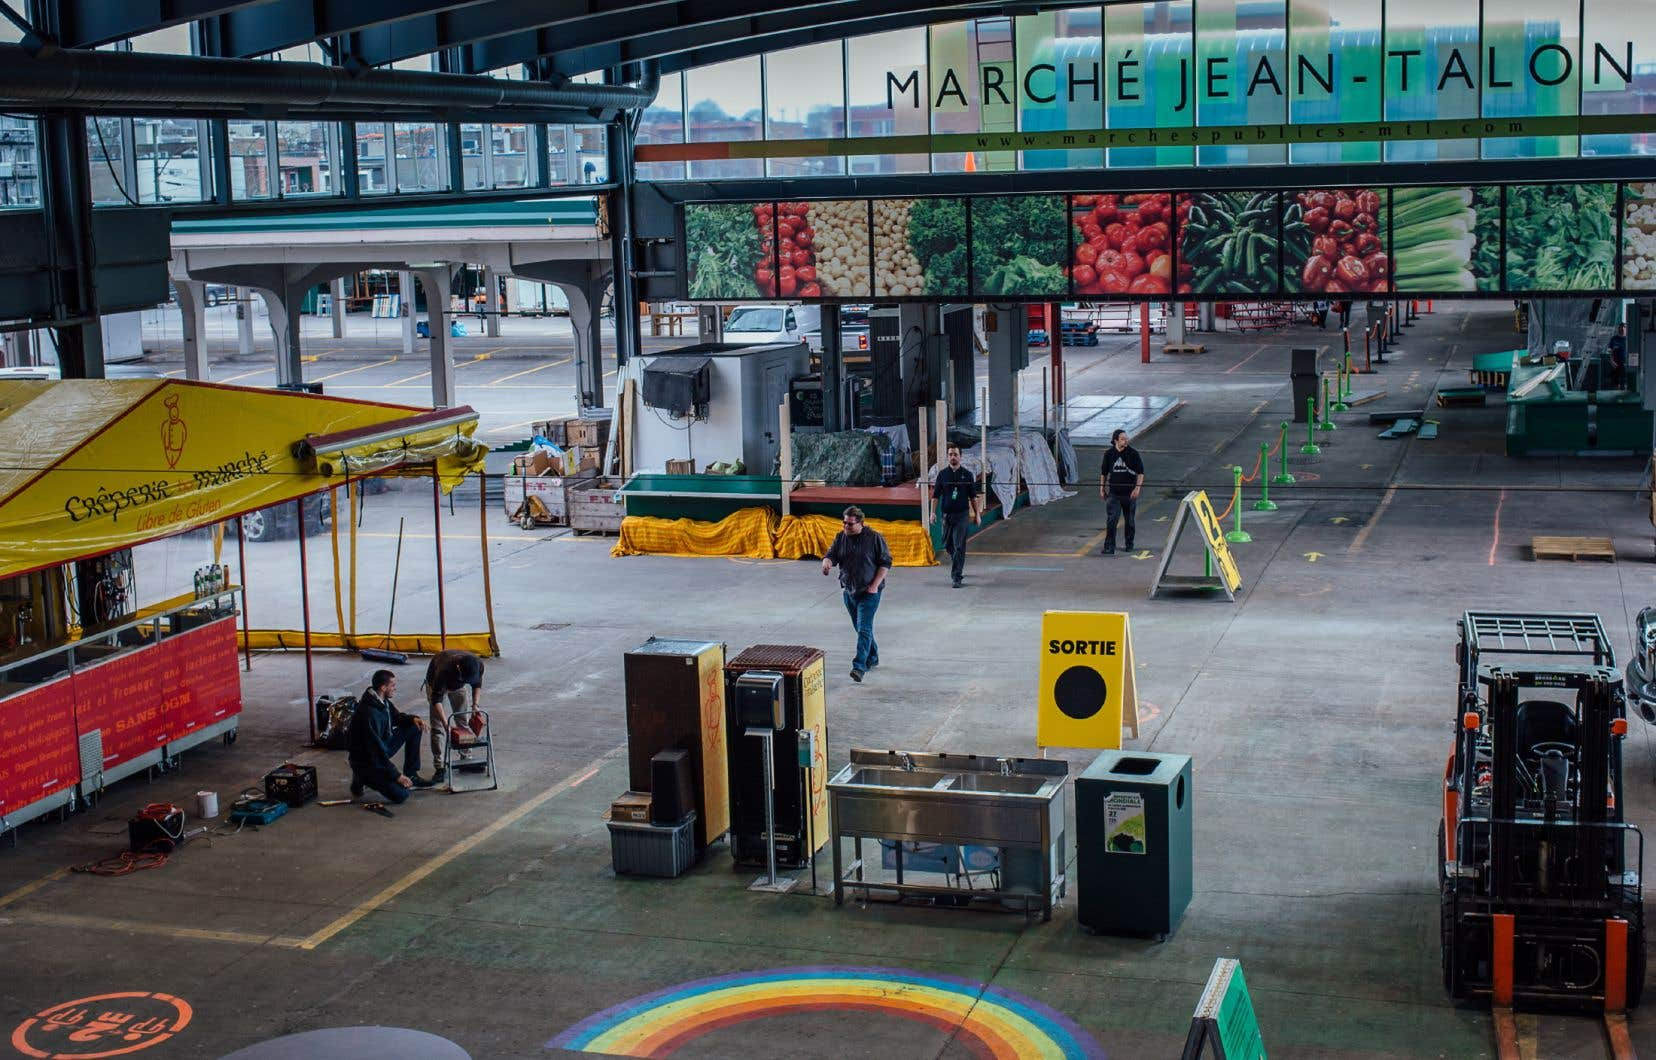 Mercredi après-midi, le marché était peu animé. Une poignée de kiosques avait pris forme alors que des marchands et des employés y mettaient la touche finale.